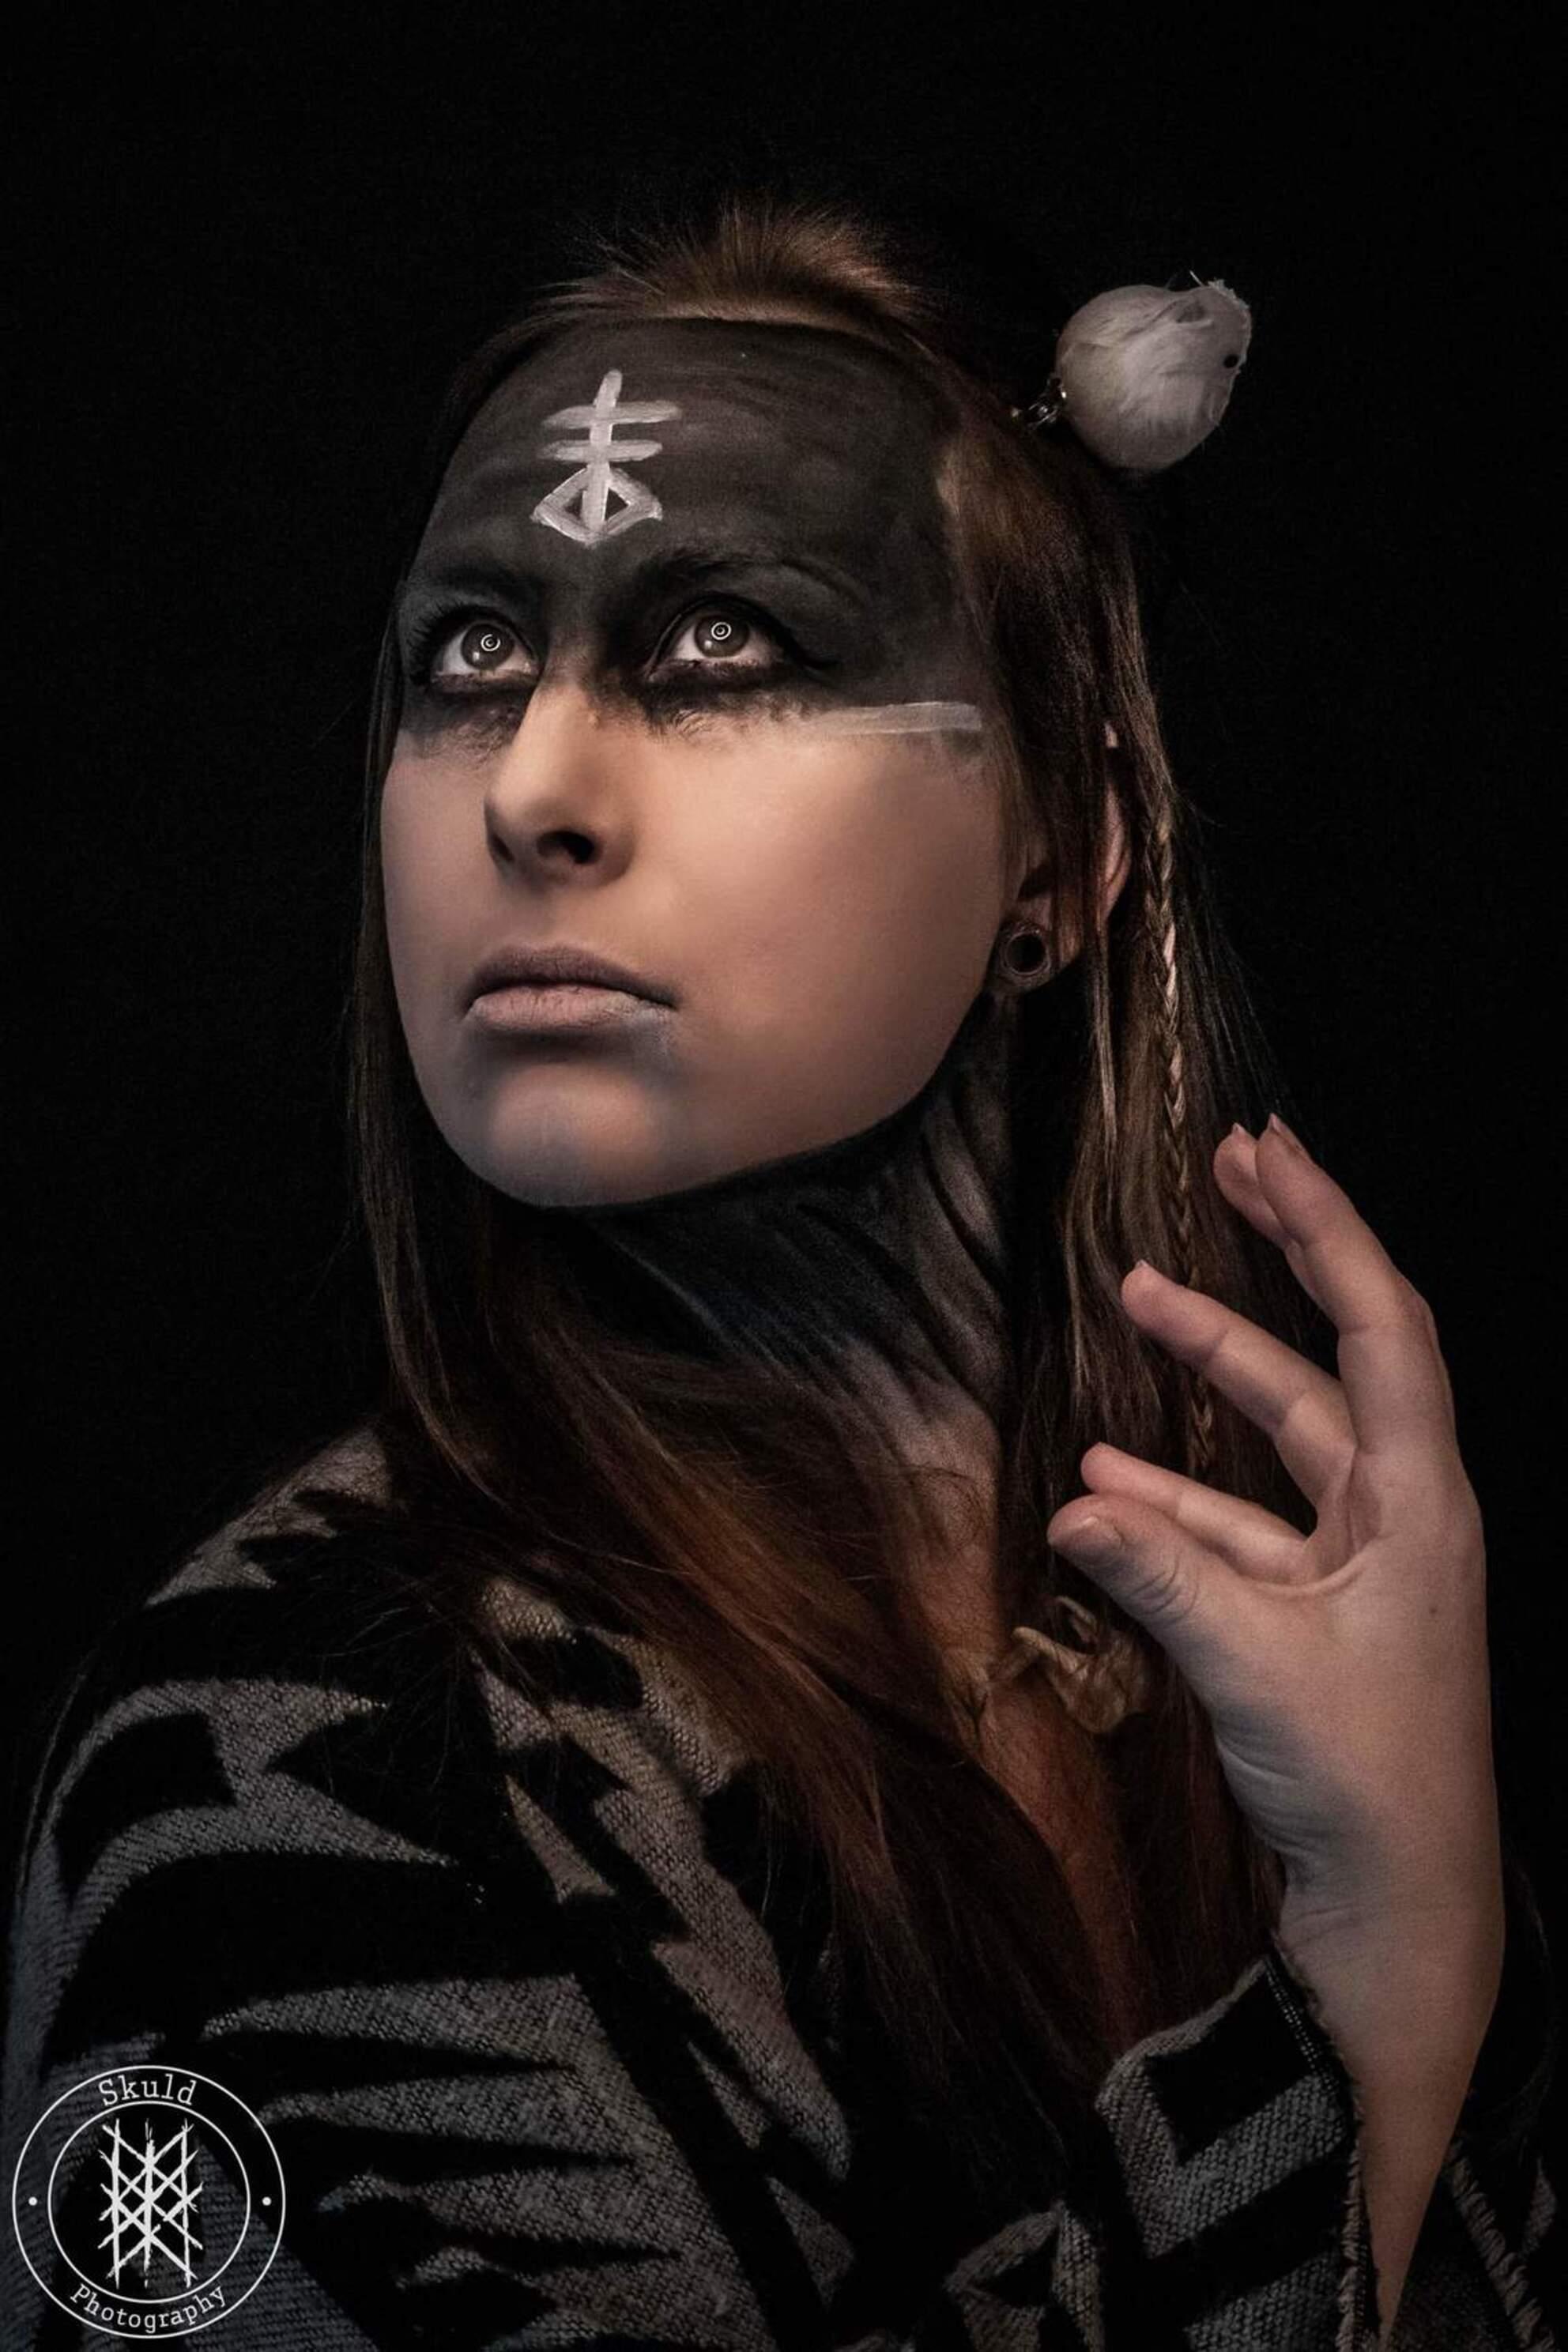 Pegan - - - foto door Skuld op 01-03-2021 - deze foto bevat: vrouw, donker, portret, model, zelfportret, emotie, studio, fotoshoot, visagie, 50mm, Selfie - Deze foto mag gebruikt worden in een Zoom.nl publicatie